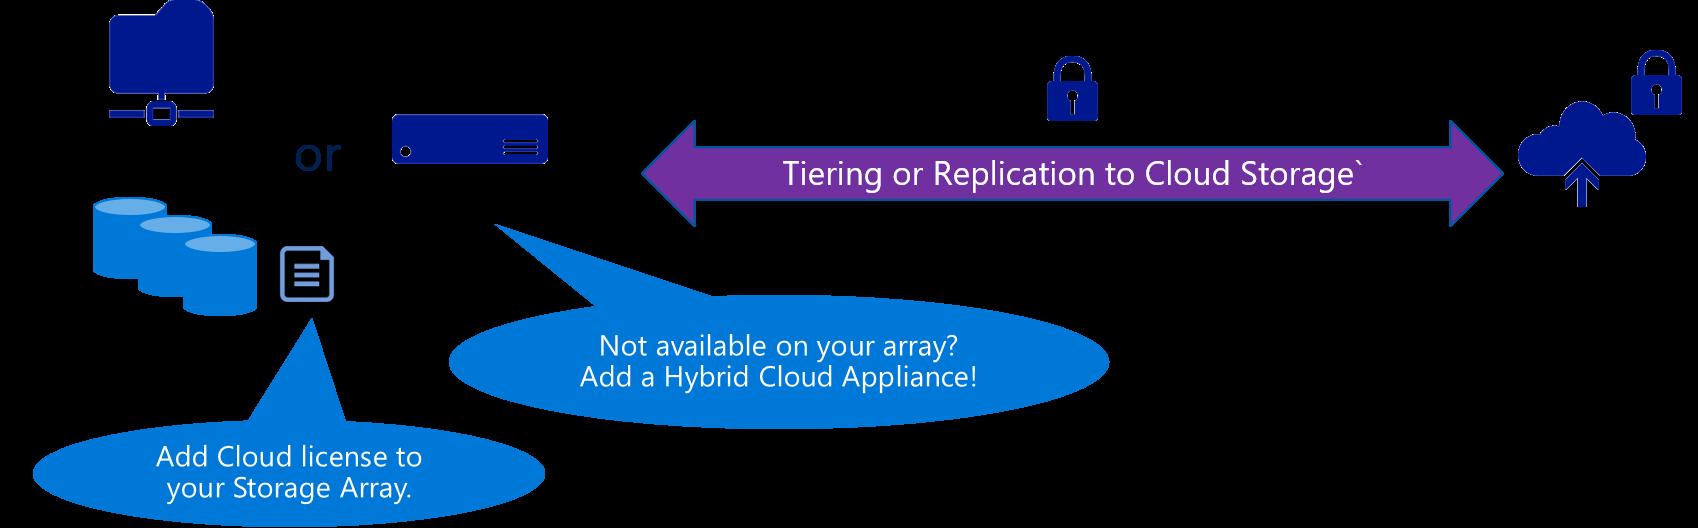 tiering-to-cloud-storage-scenario-cloud-storage-blog